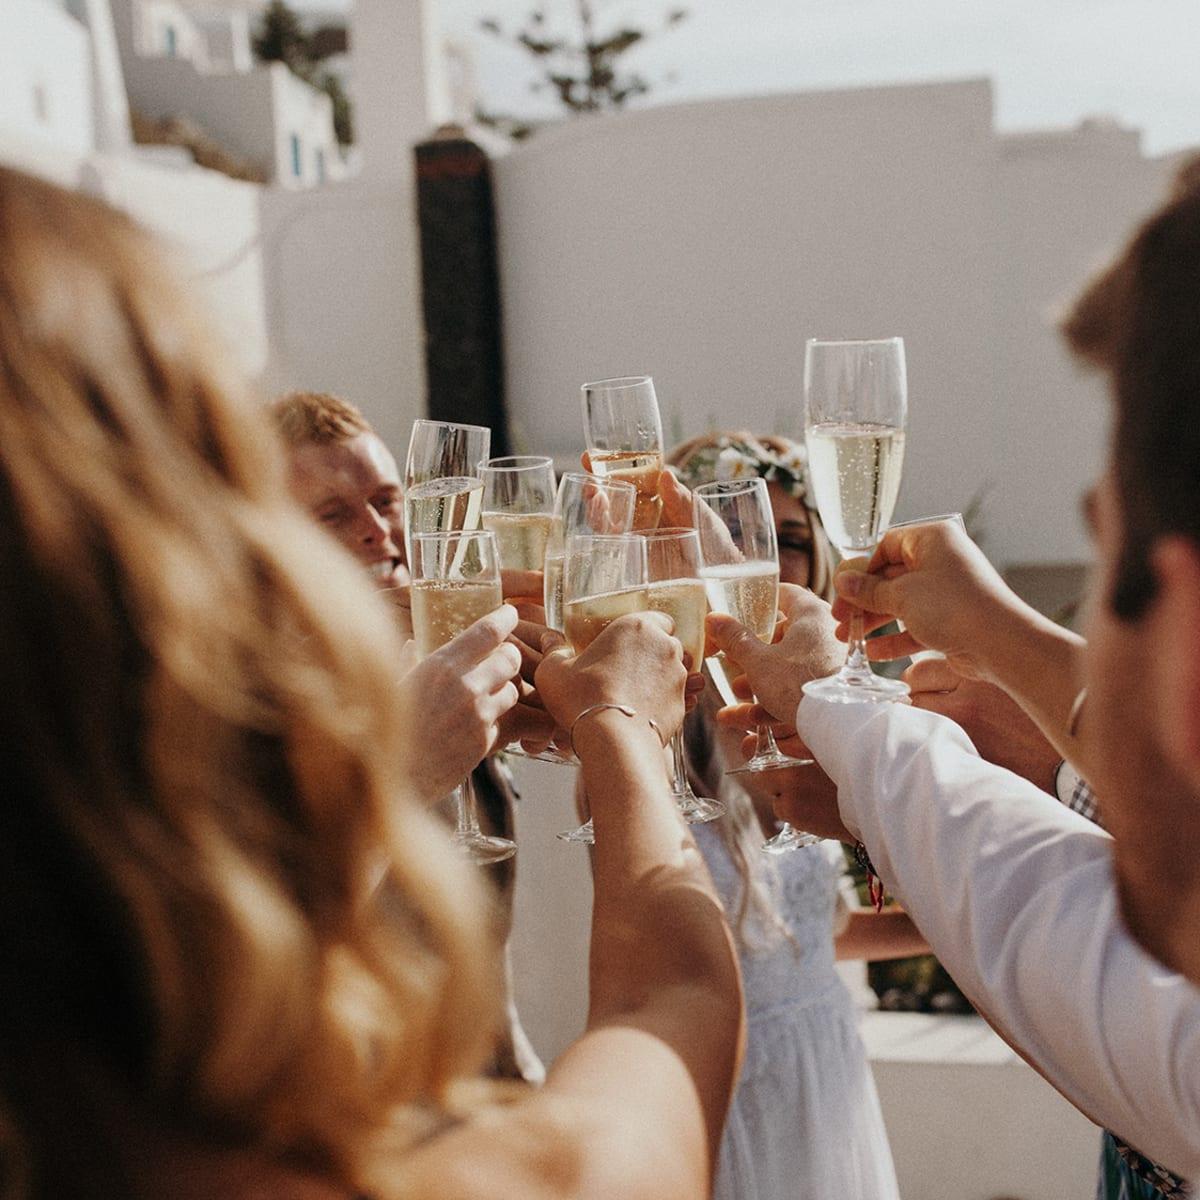 meet men Site- ul 100 Dating gratuit